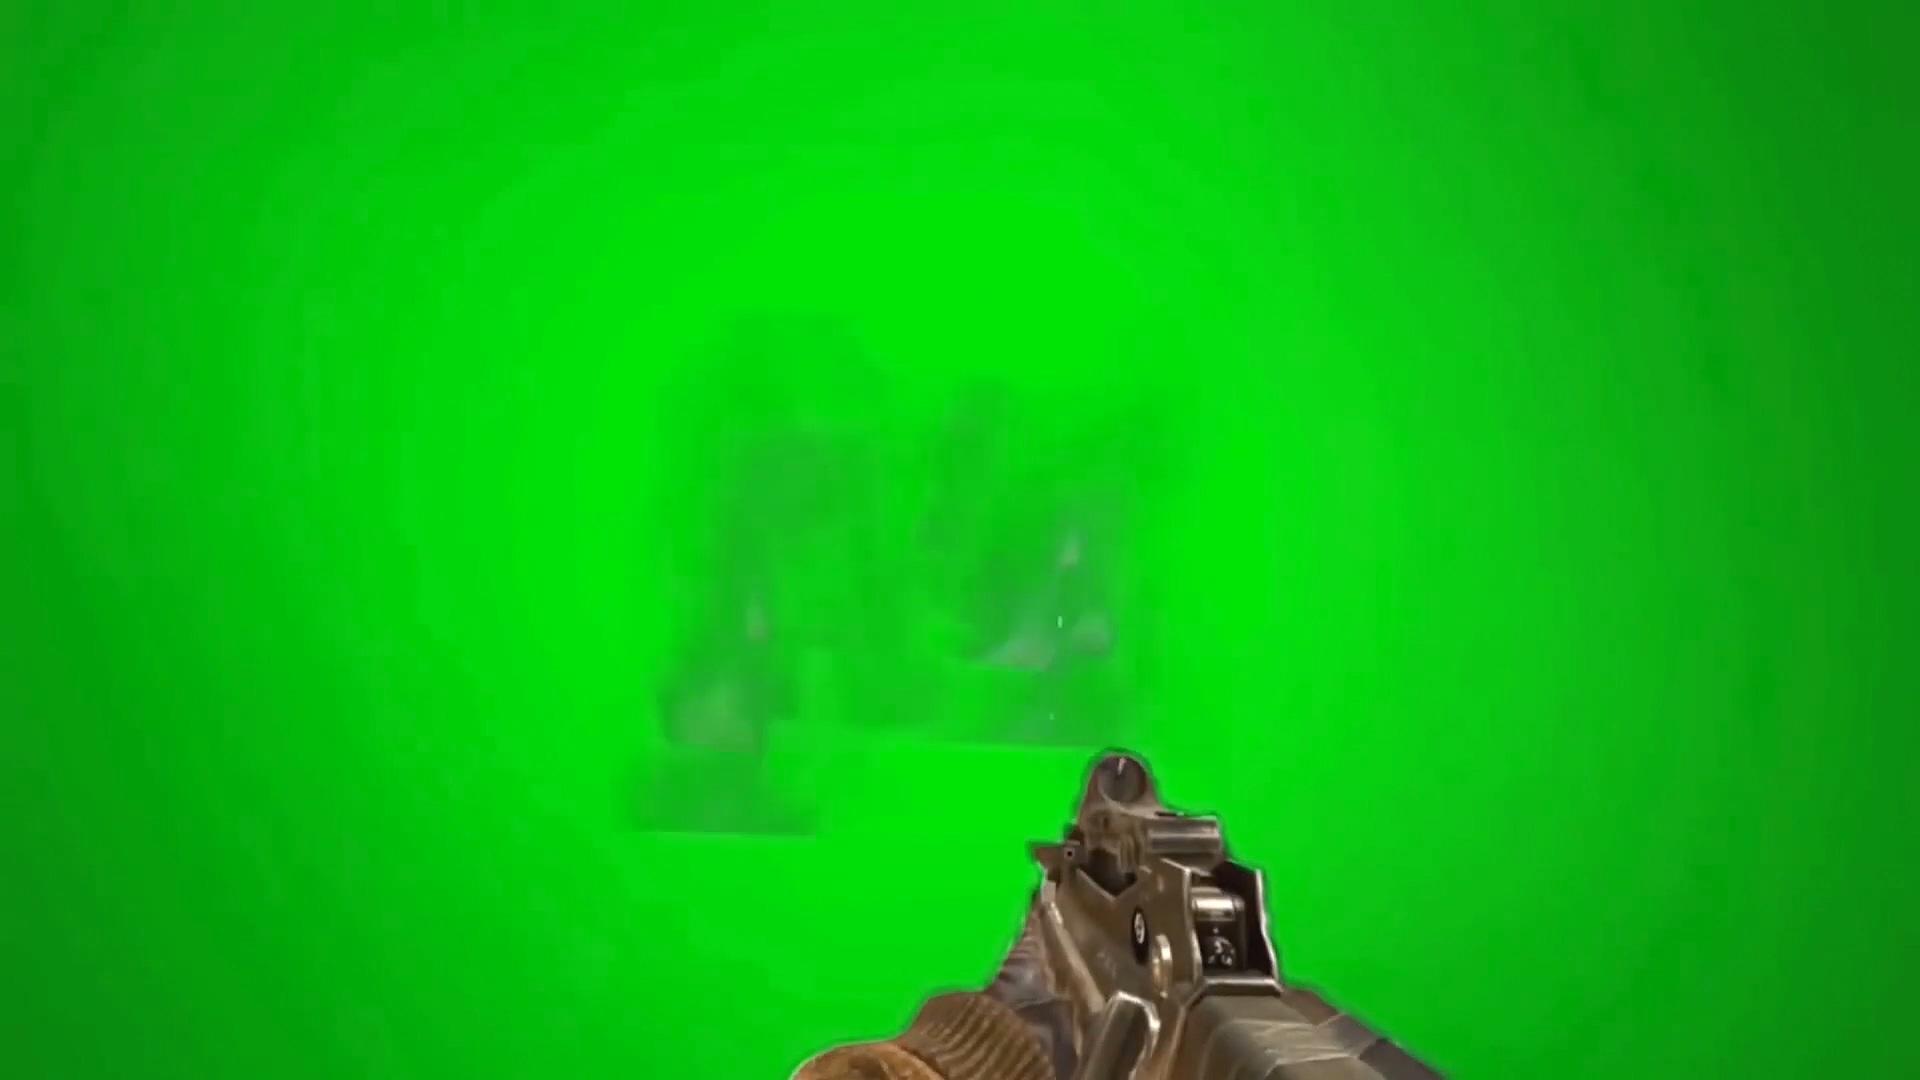 绿屏抠像吃鸡游戏开枪射击